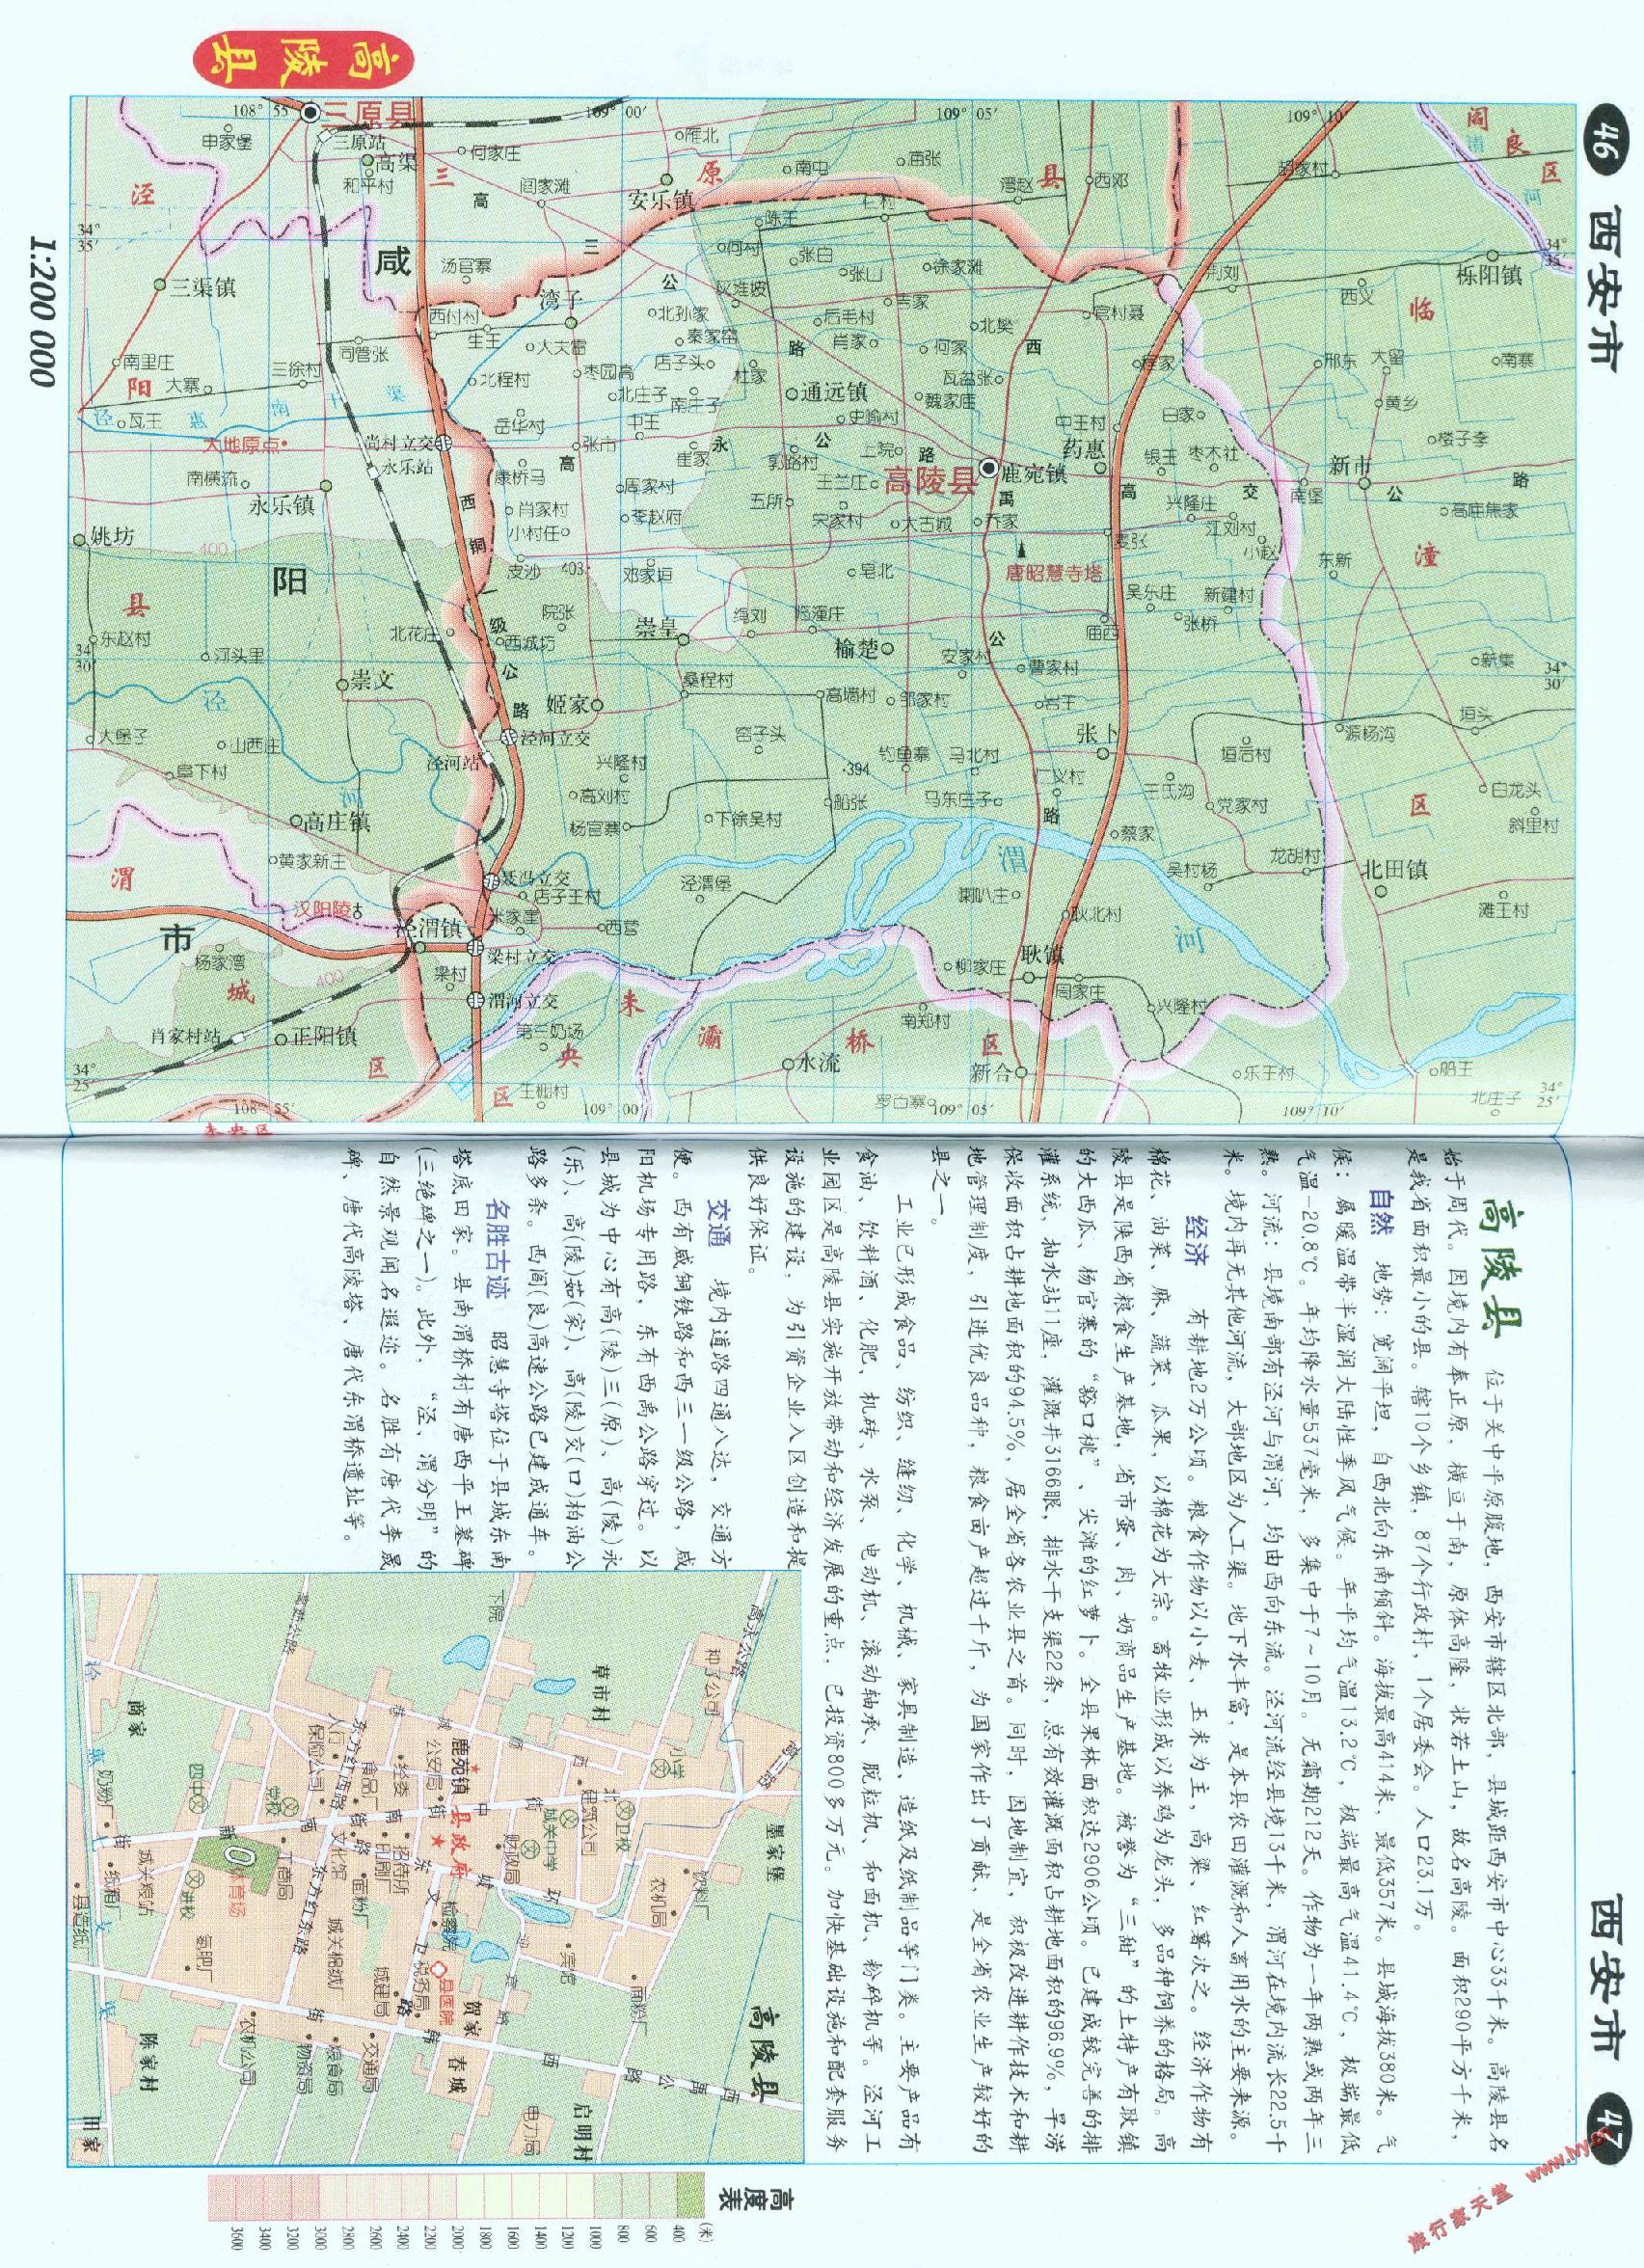 高陵县地图_西安市地图查询